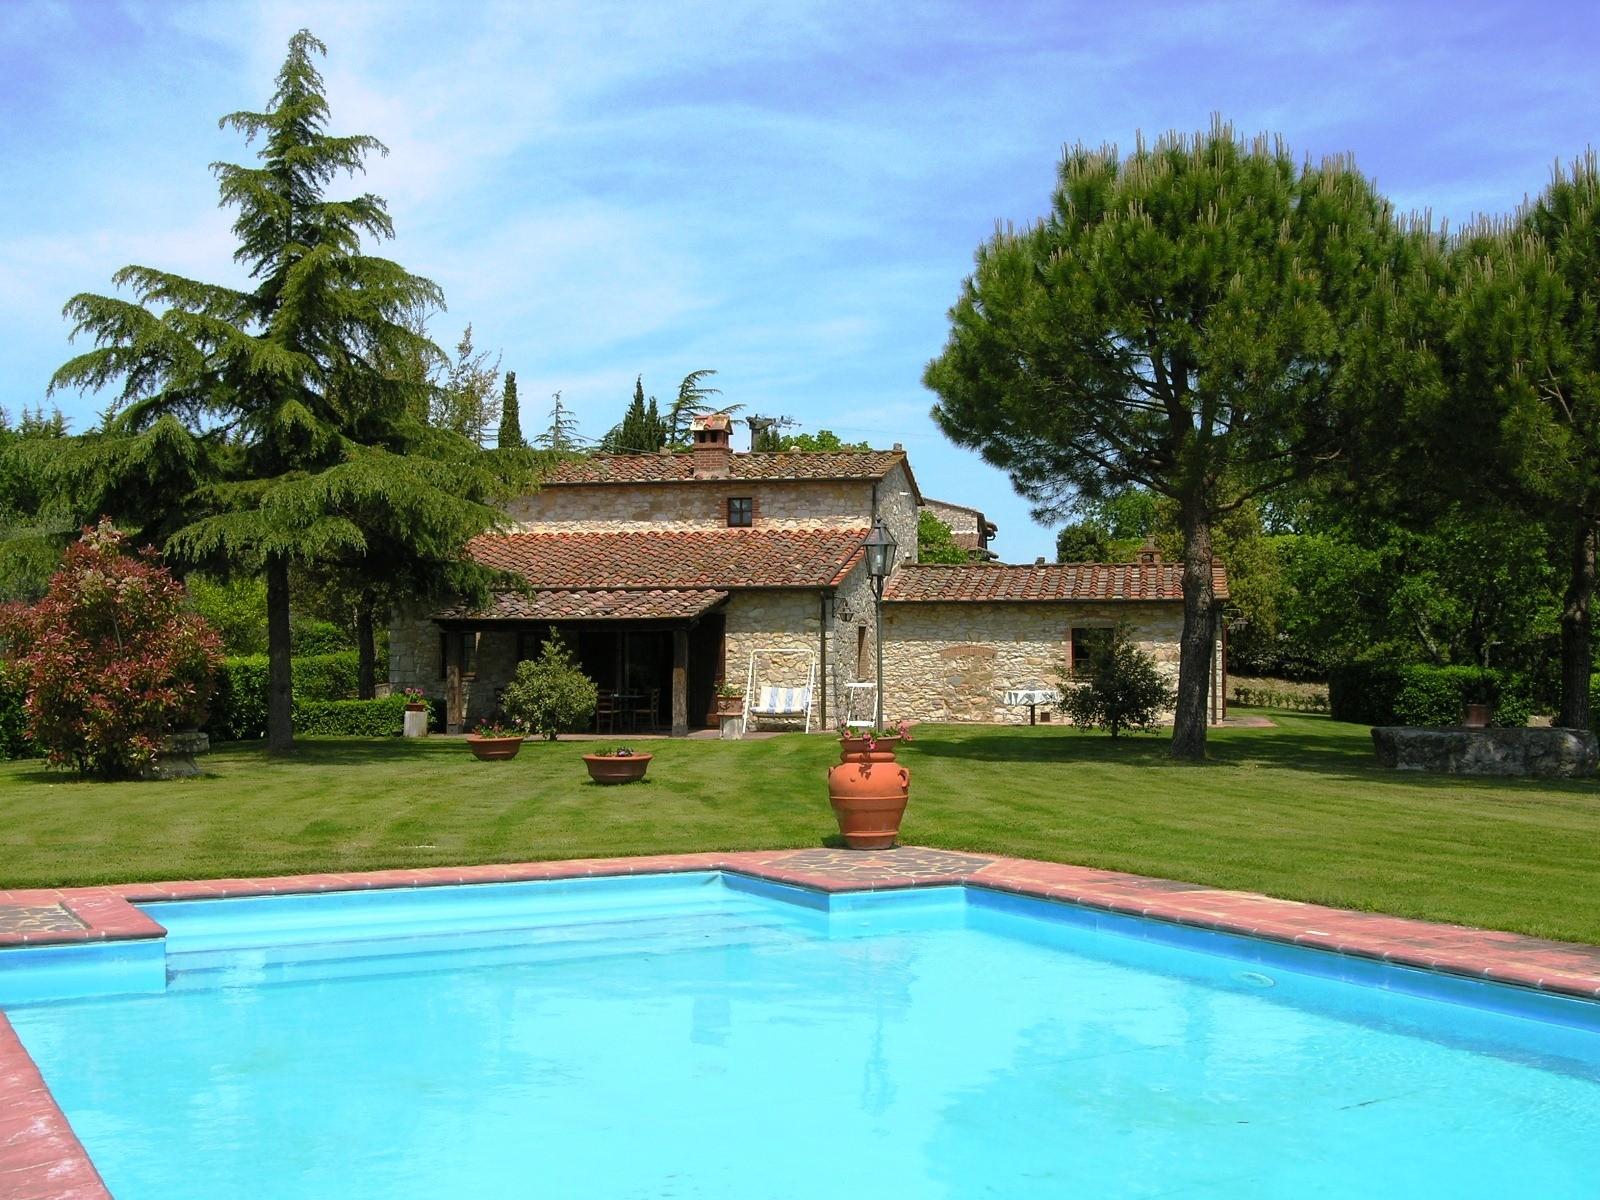 Fiorita Ferienhaus in Italien